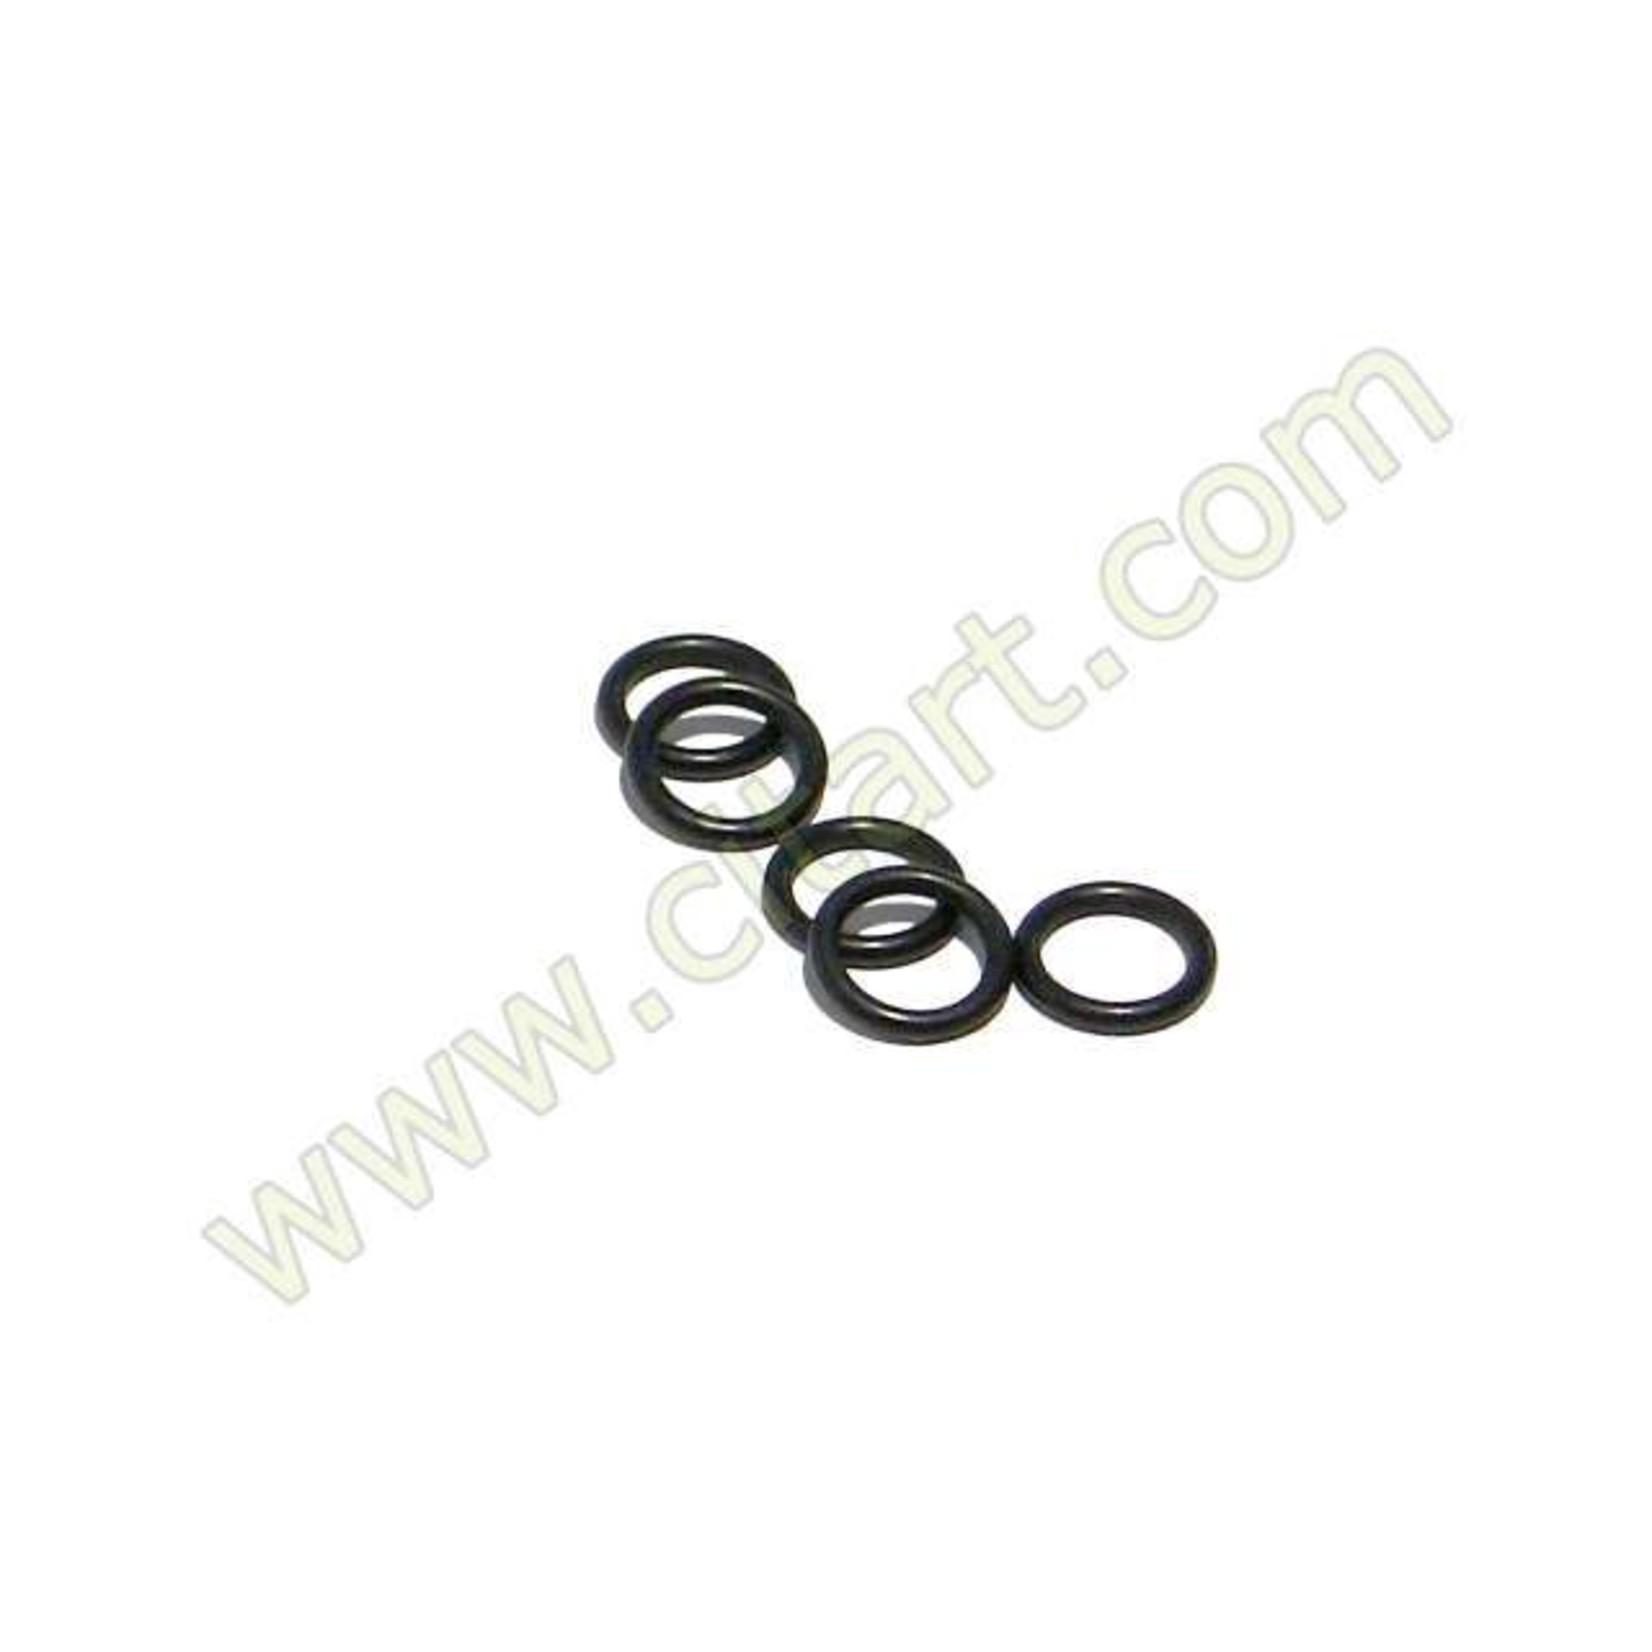 O-ring koppelingsregelaar Nr Org: 24861009